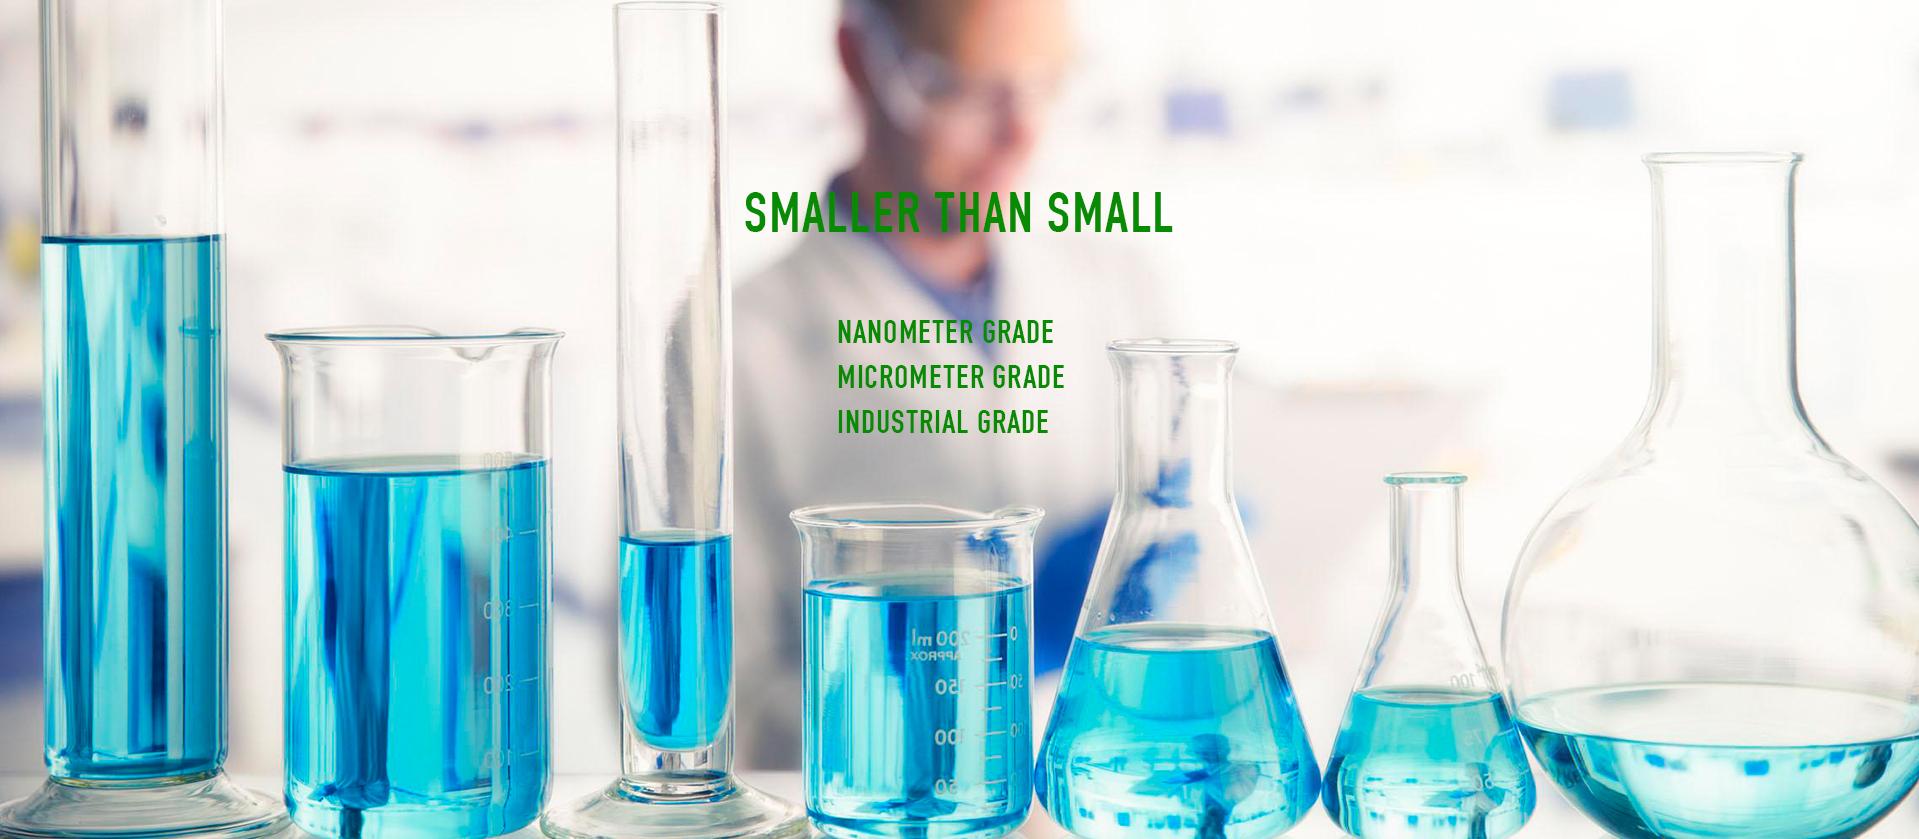 Nanometer Grade